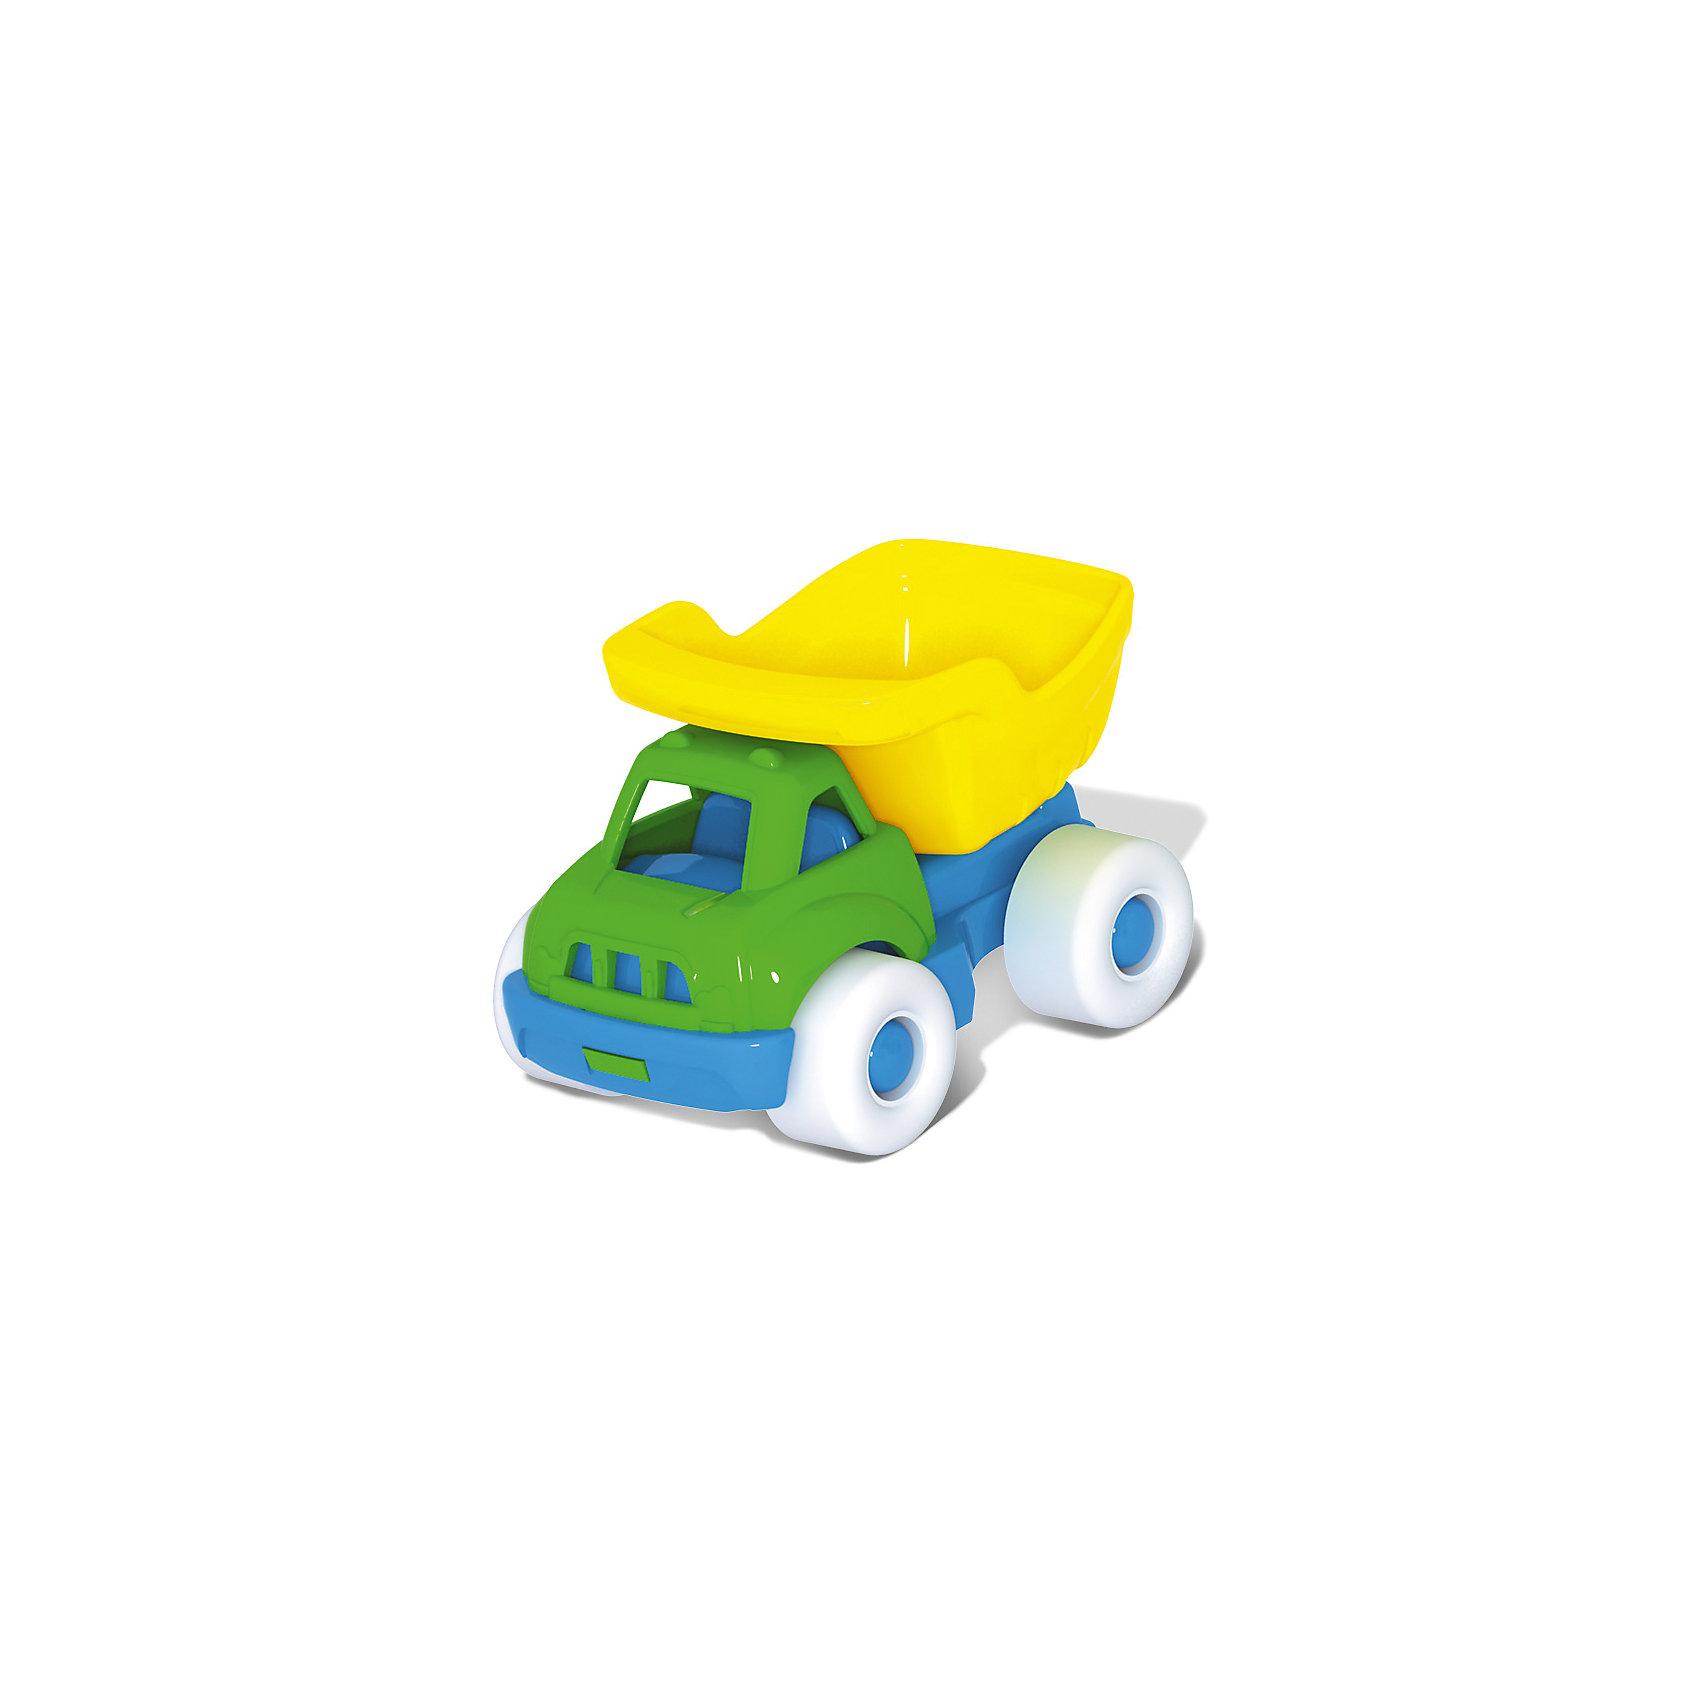 Машинка Бублик, СтелларСимпатичная машинка Бублик, Стеллар, придется по душе самым маленьким автолюбителям. Игрушка выполнена в яркой цветовой гамме из качественного экологичного пластика. Имеет оптимальный размер и форму, удобную для маленьких ручек. В ассортименте представлены несколько видов машинок: бетономешалка, экскаватор, пожарная машина (с лестницей), самосвал, грузовик. В каждой машинке имеется подвижный элемент, который заинтересует малыша. Например, у экскаватора сгибается ковш, у бетономешалки крутится барабан, у пожарной машины и самосвала поднимаются лестница и кузов. В комплект входит только одна машинка! Игрушка развивает воображение и фантазию, тренирует мелкую моторику.<br><br>Дополнительная информация:<br><br>- Материал: полипропилен.<br>- Размер игрушки: 8 х 5 х 5 см.<br>- Вес: 100 гр.<br><br>Машинку Бублик, Стеллар, можно купить в нашем интернет-магазине.<br><br>Ширина мм: 80<br>Глубина мм: 53<br>Высота мм: 53<br>Вес г: 100<br>Возраст от месяцев: 36<br>Возраст до месяцев: 72<br>Пол: Унисекс<br>Возраст: Детский<br>SKU: 4639137